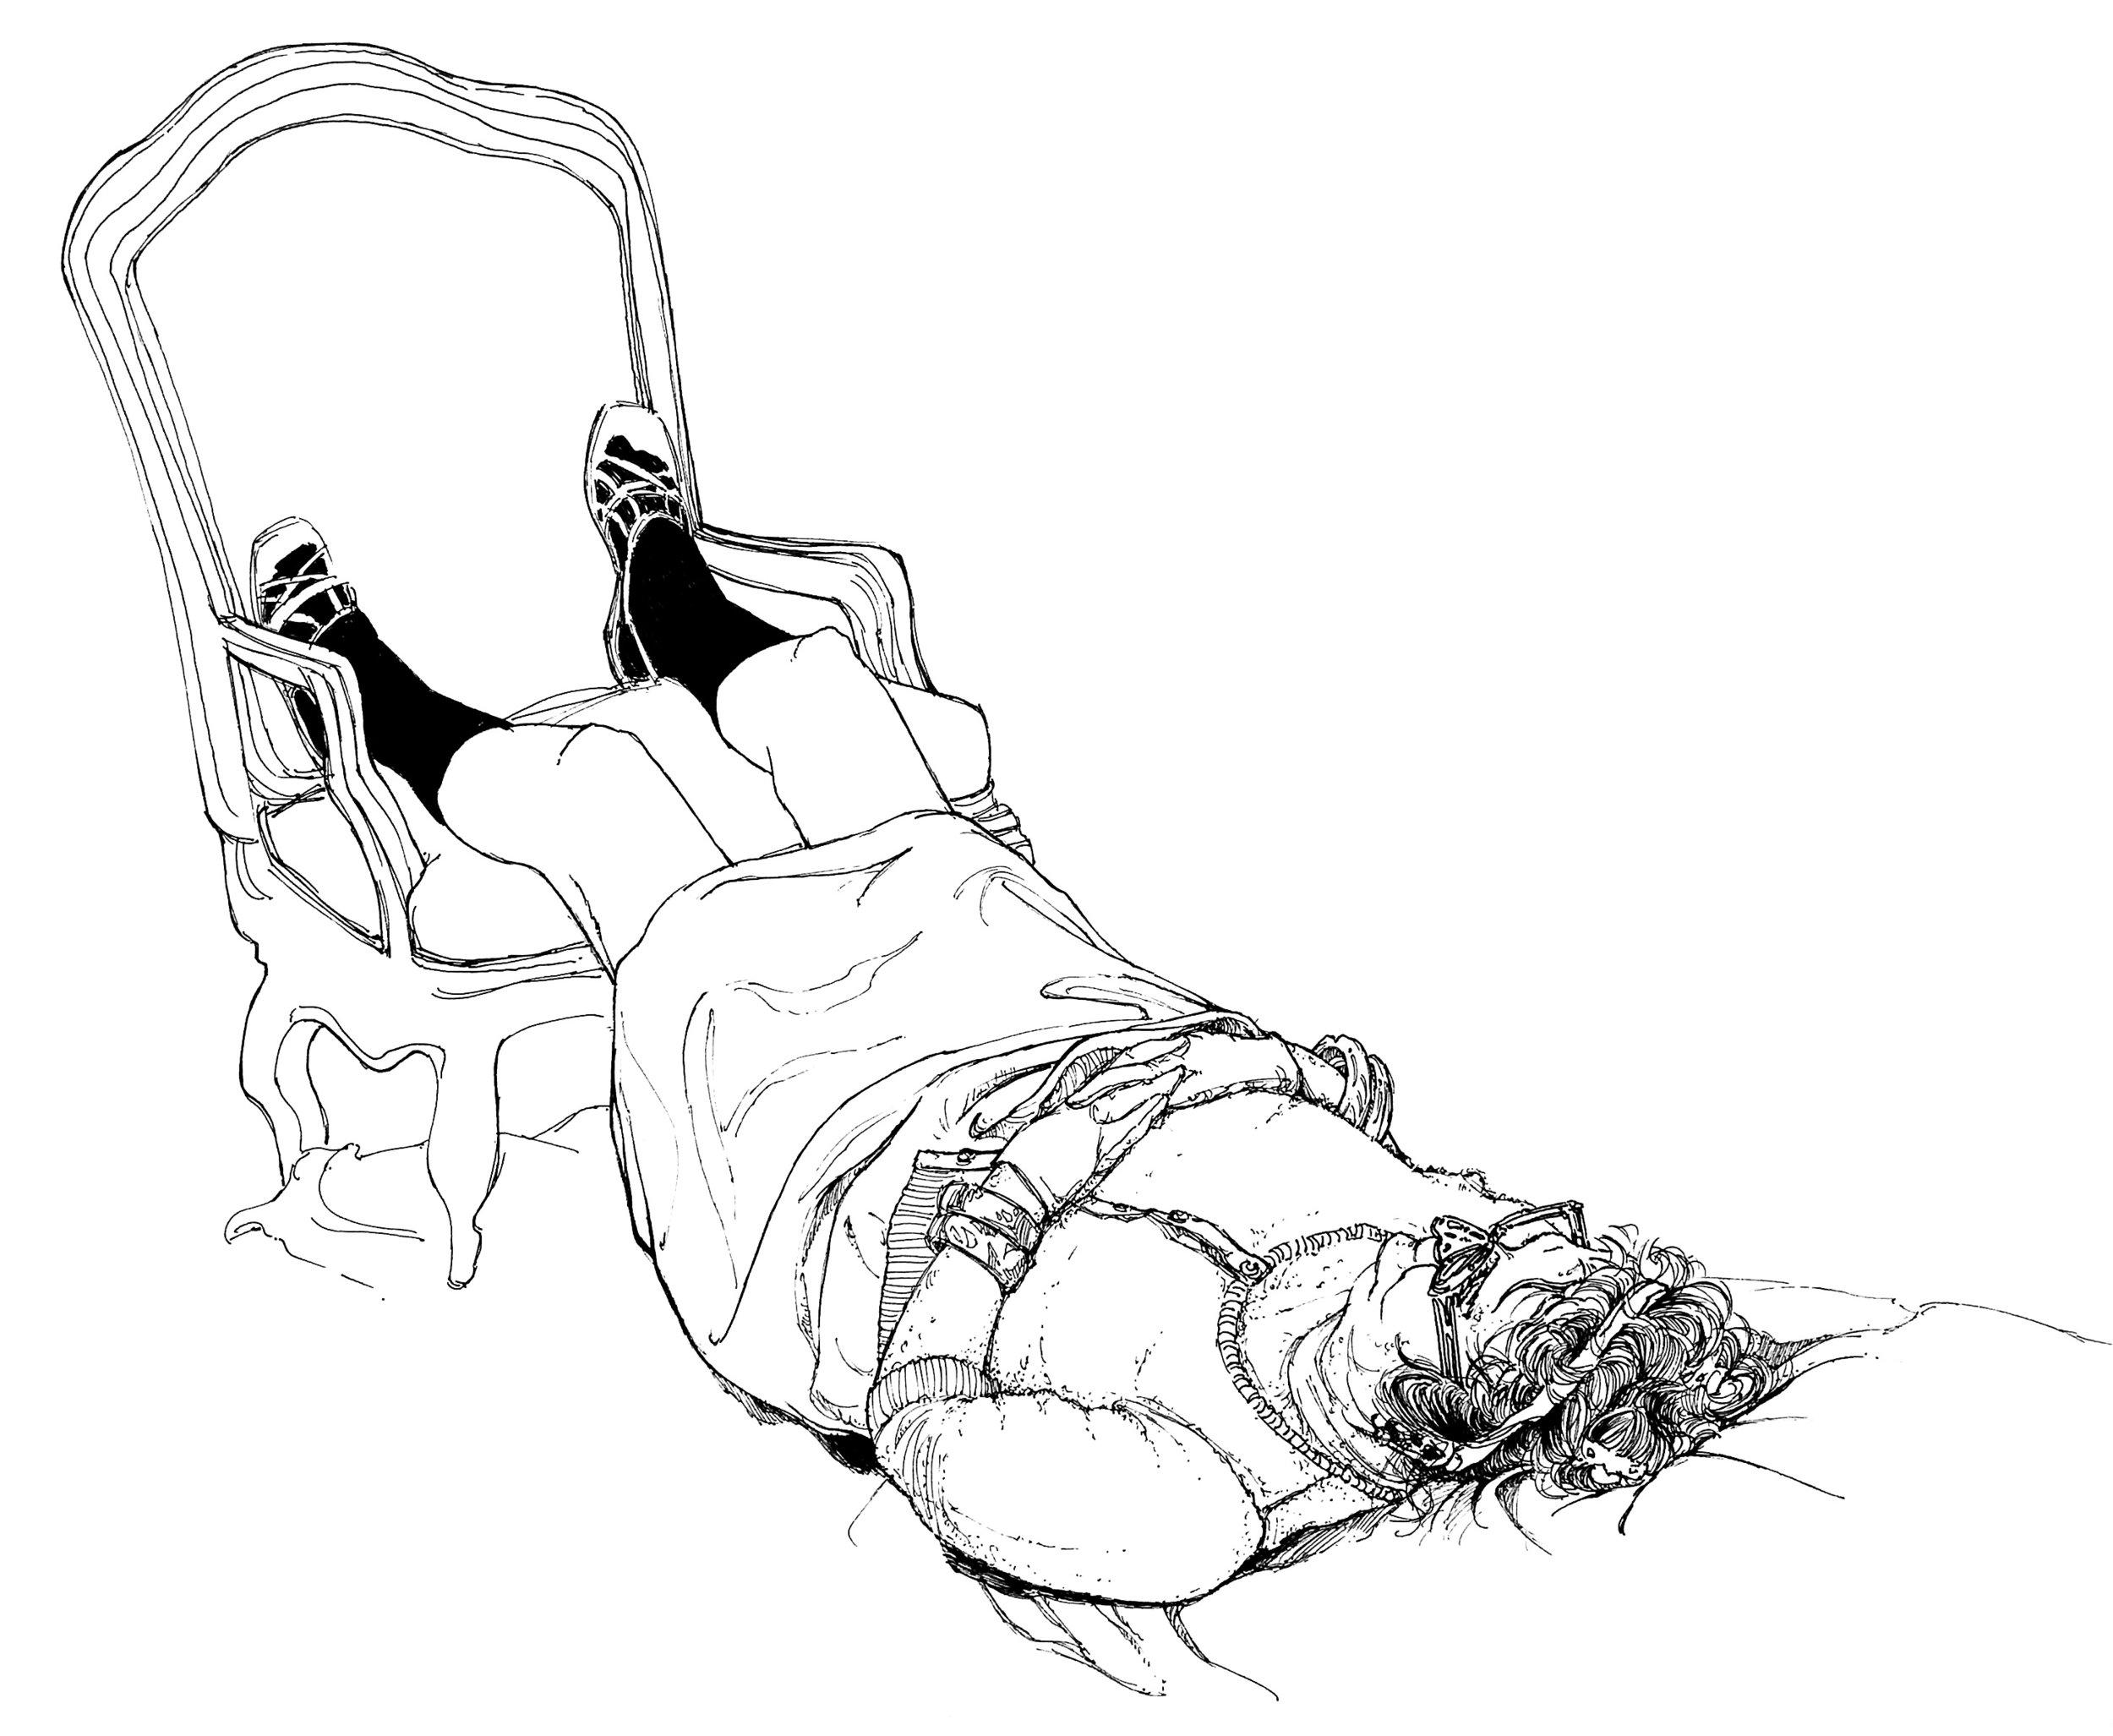 Woman Lying of Floor